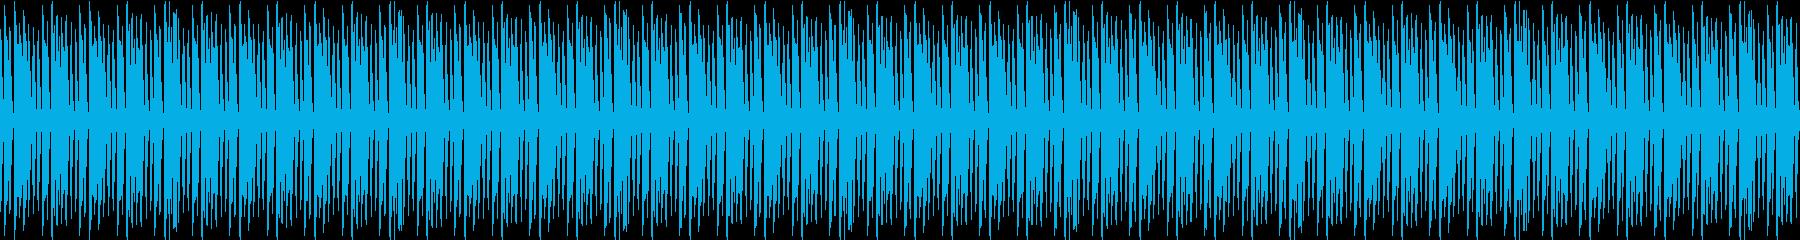 ピアノ・生配信・ほのぼの・ループ・日常の再生済みの波形